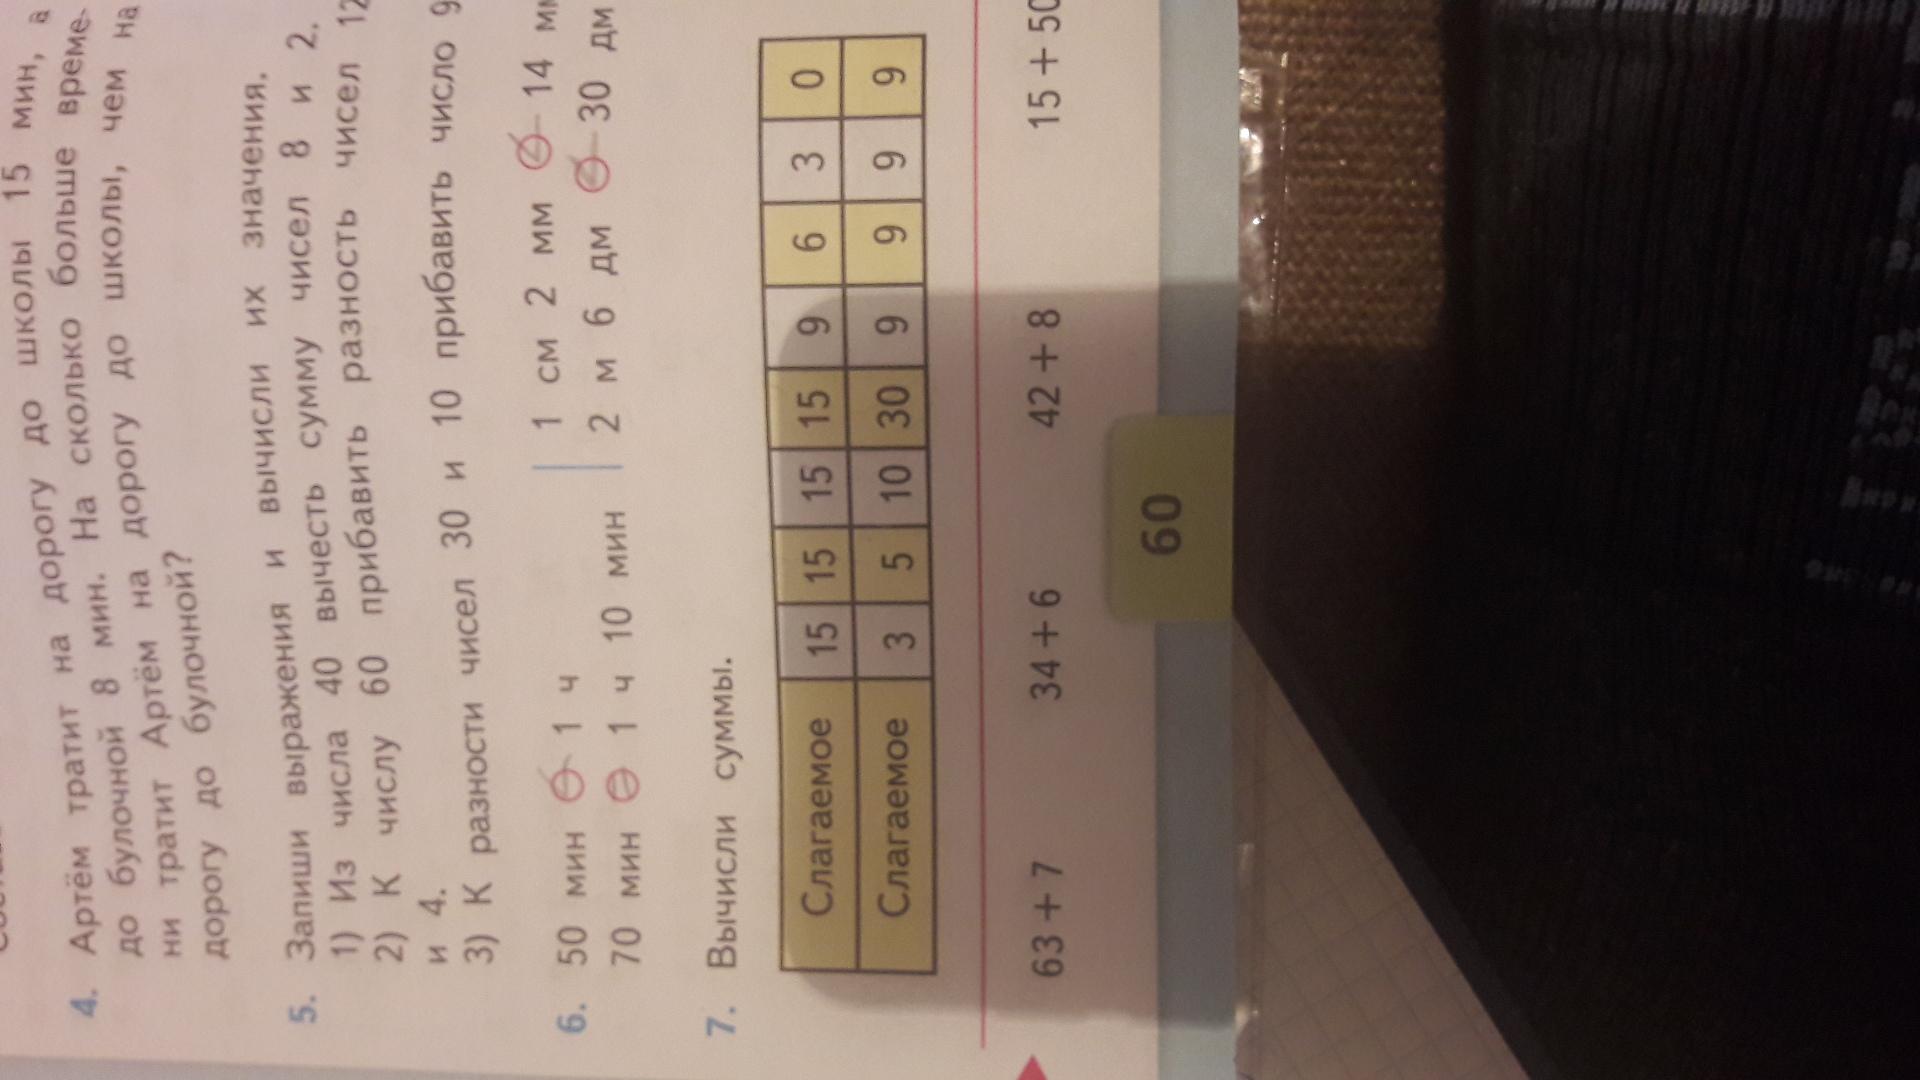 Вычисли суммы#7 помогайте)